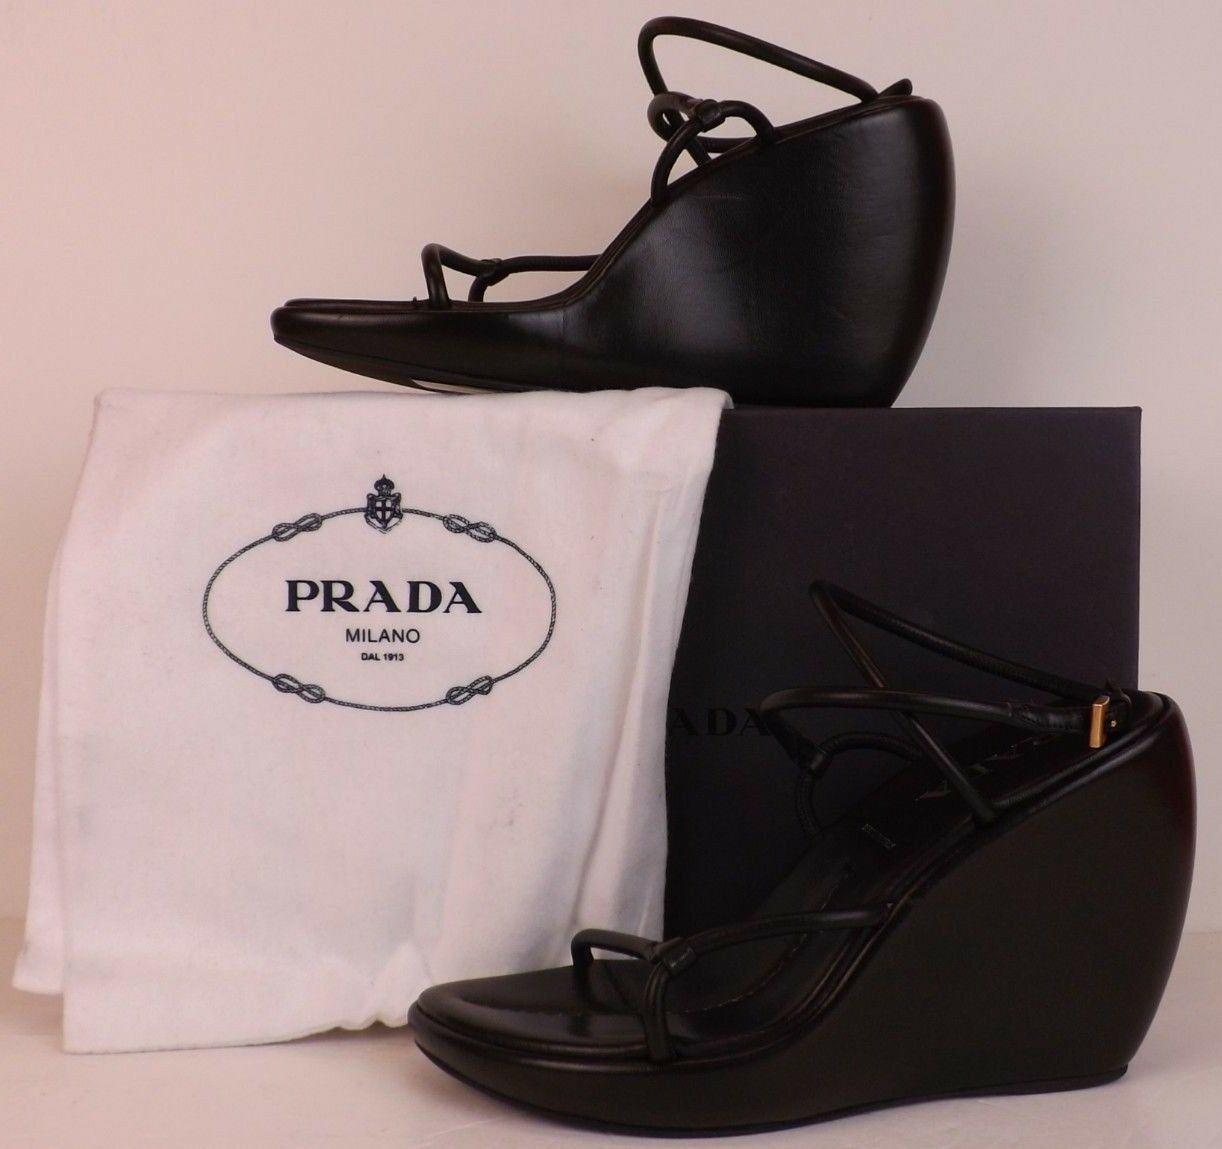 Nuevo En Caja Prada Prada Prada entrecruzadas de Cuero Negro Correa De Tobillo Tacón Con Plataforma Sandalias De Plataforma 36.5  punto de venta de la marca